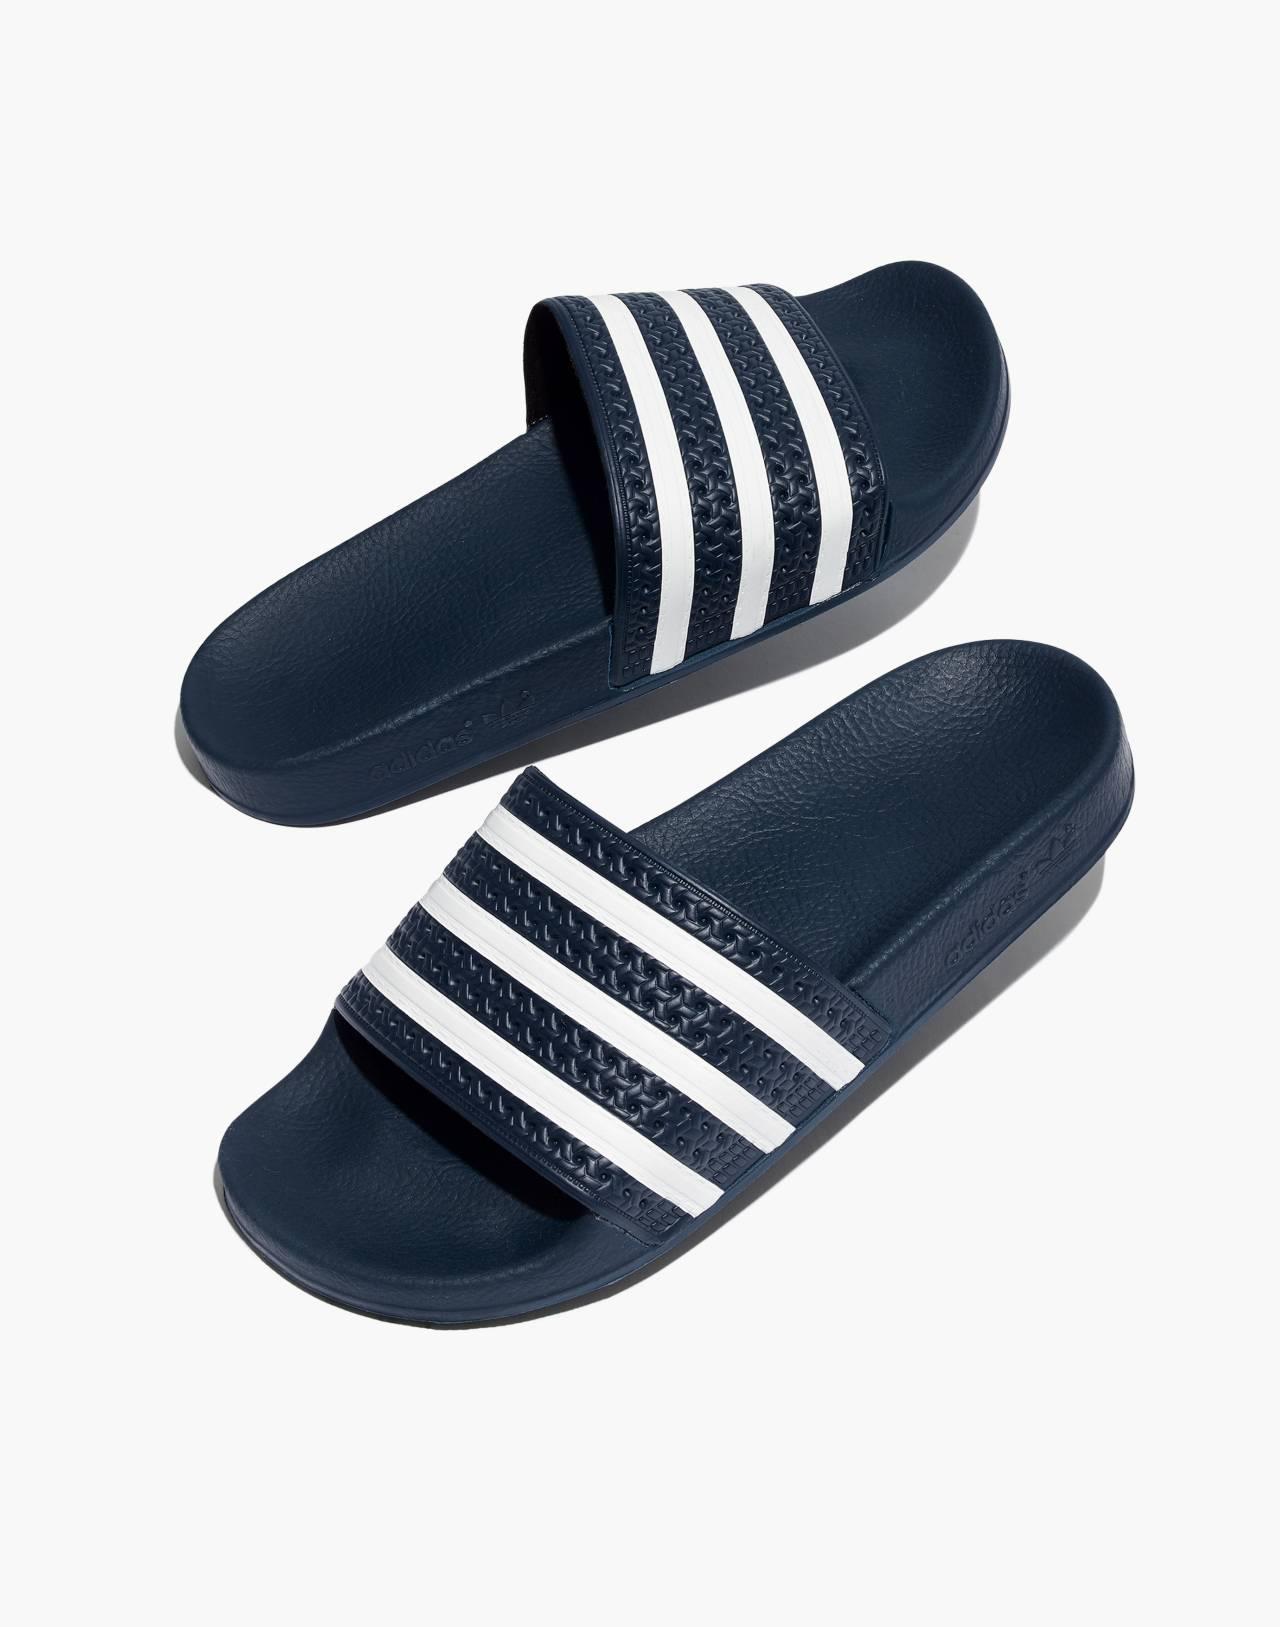 Adidas® Unisex Adilette® Slides in navy white image 1